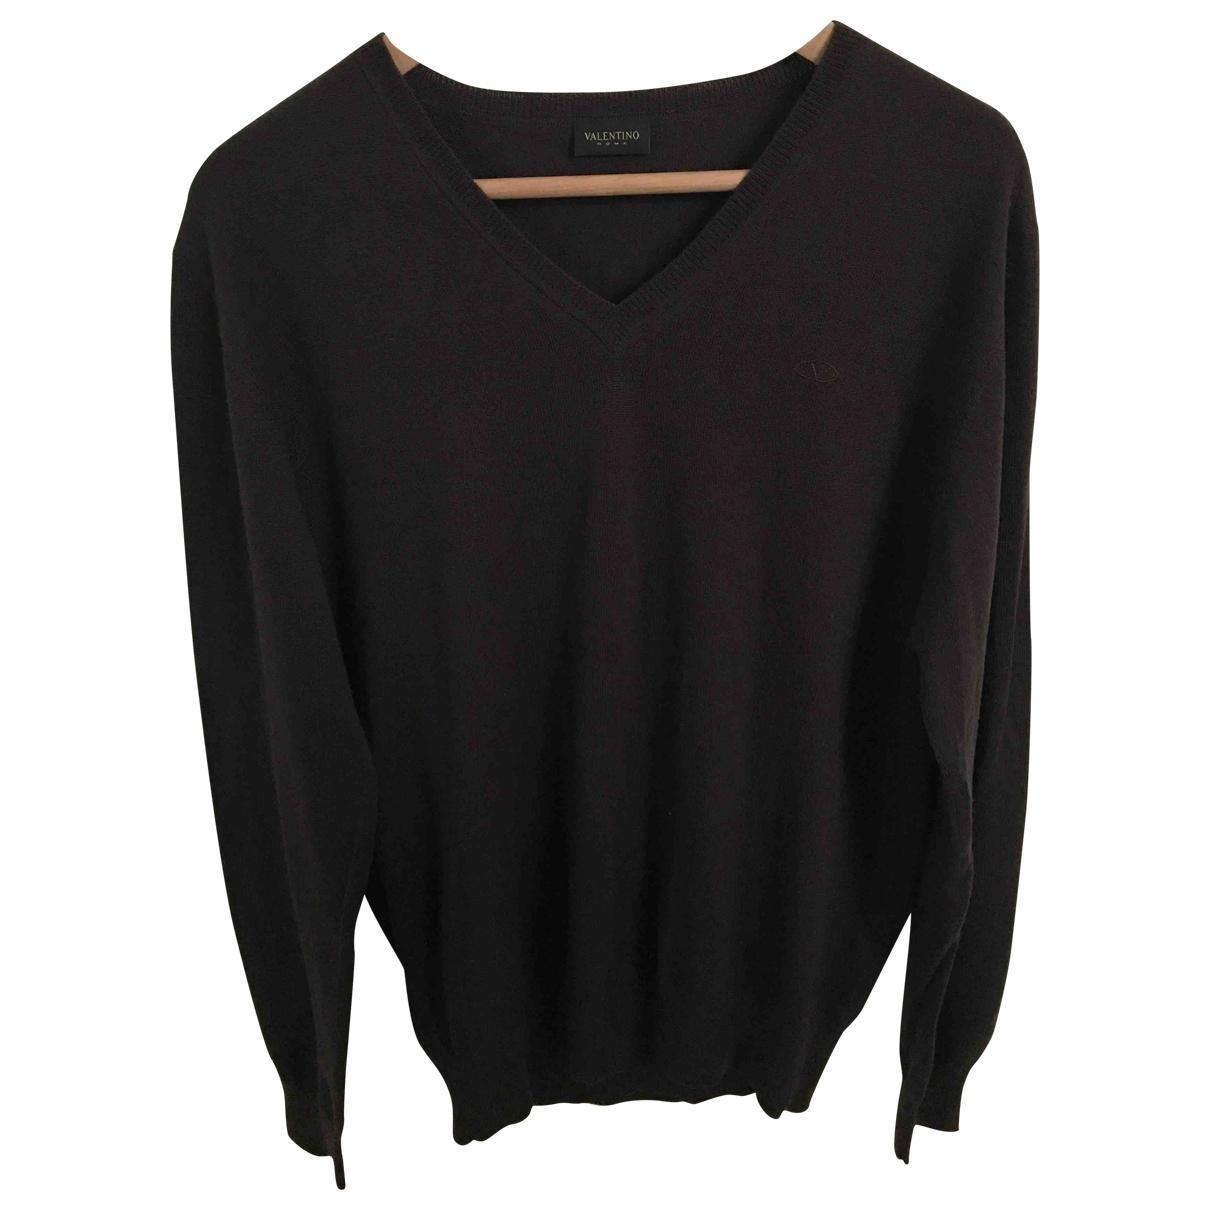 Valentino Garavani - Pulls.Gilets.Sweats   pour homme en laine - marron